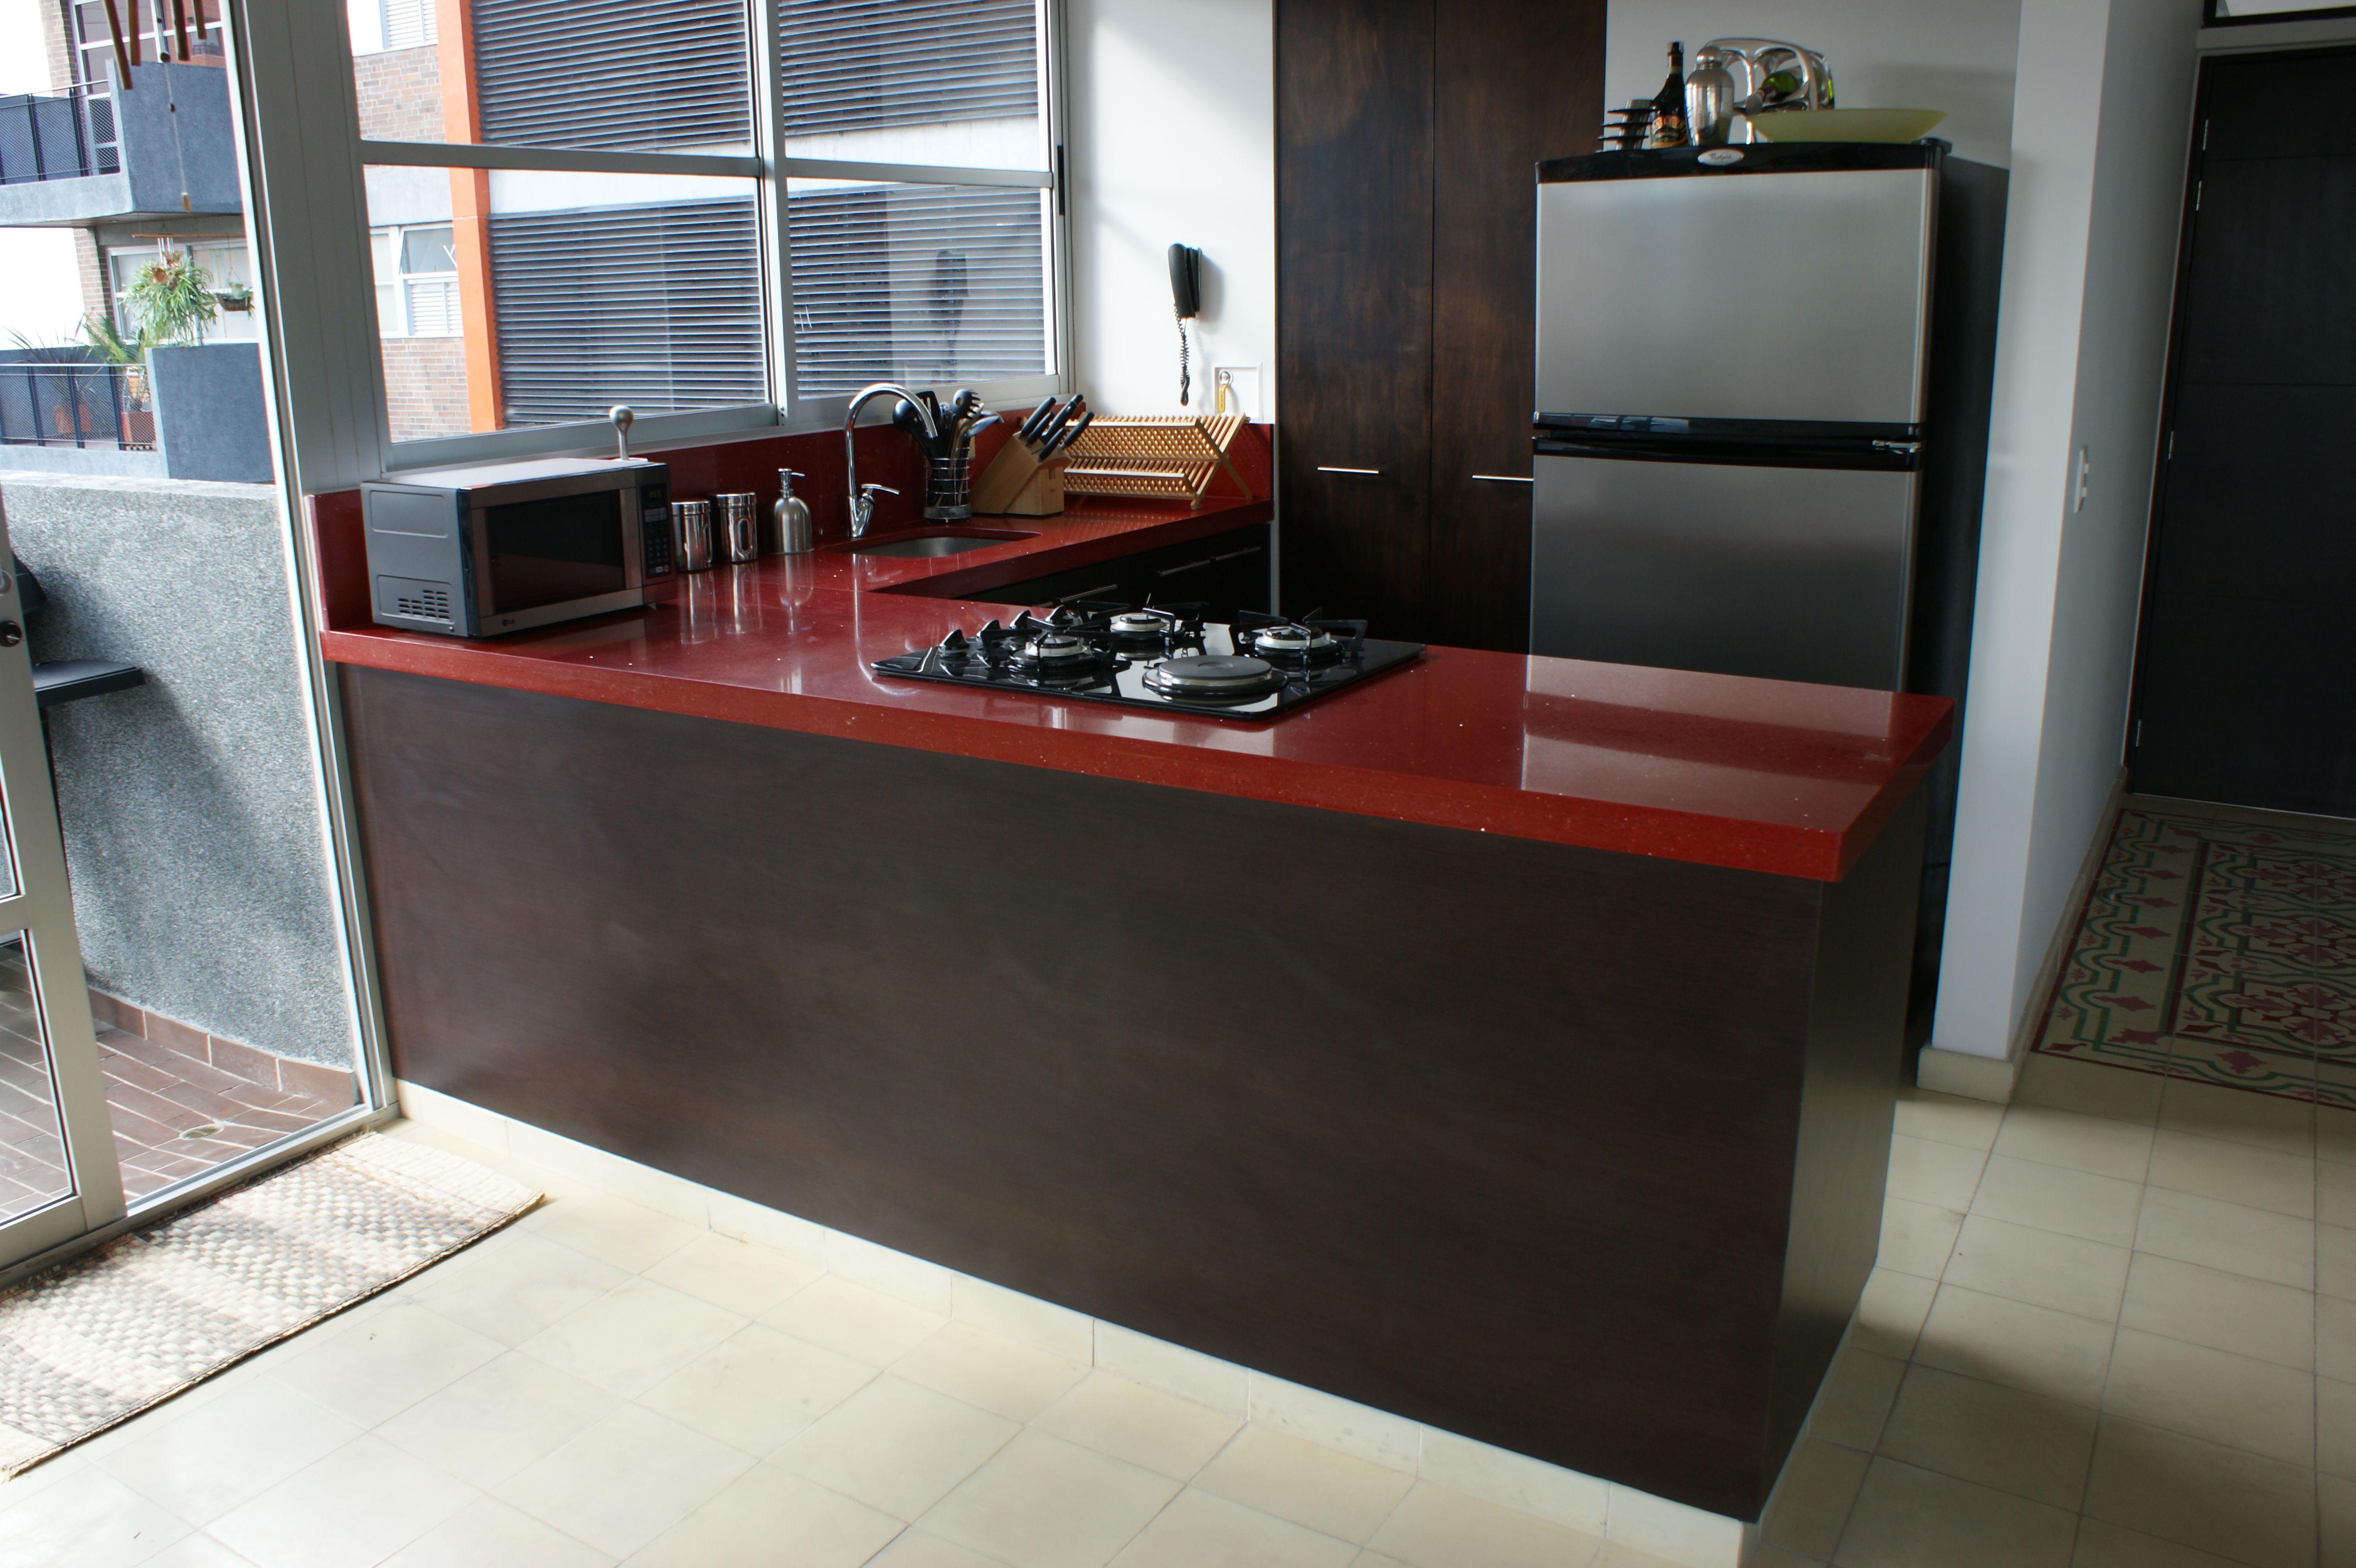 Cocina Calle 5A - Mesón rojo. Cocina en aglomerado + Melamina Wengue ...